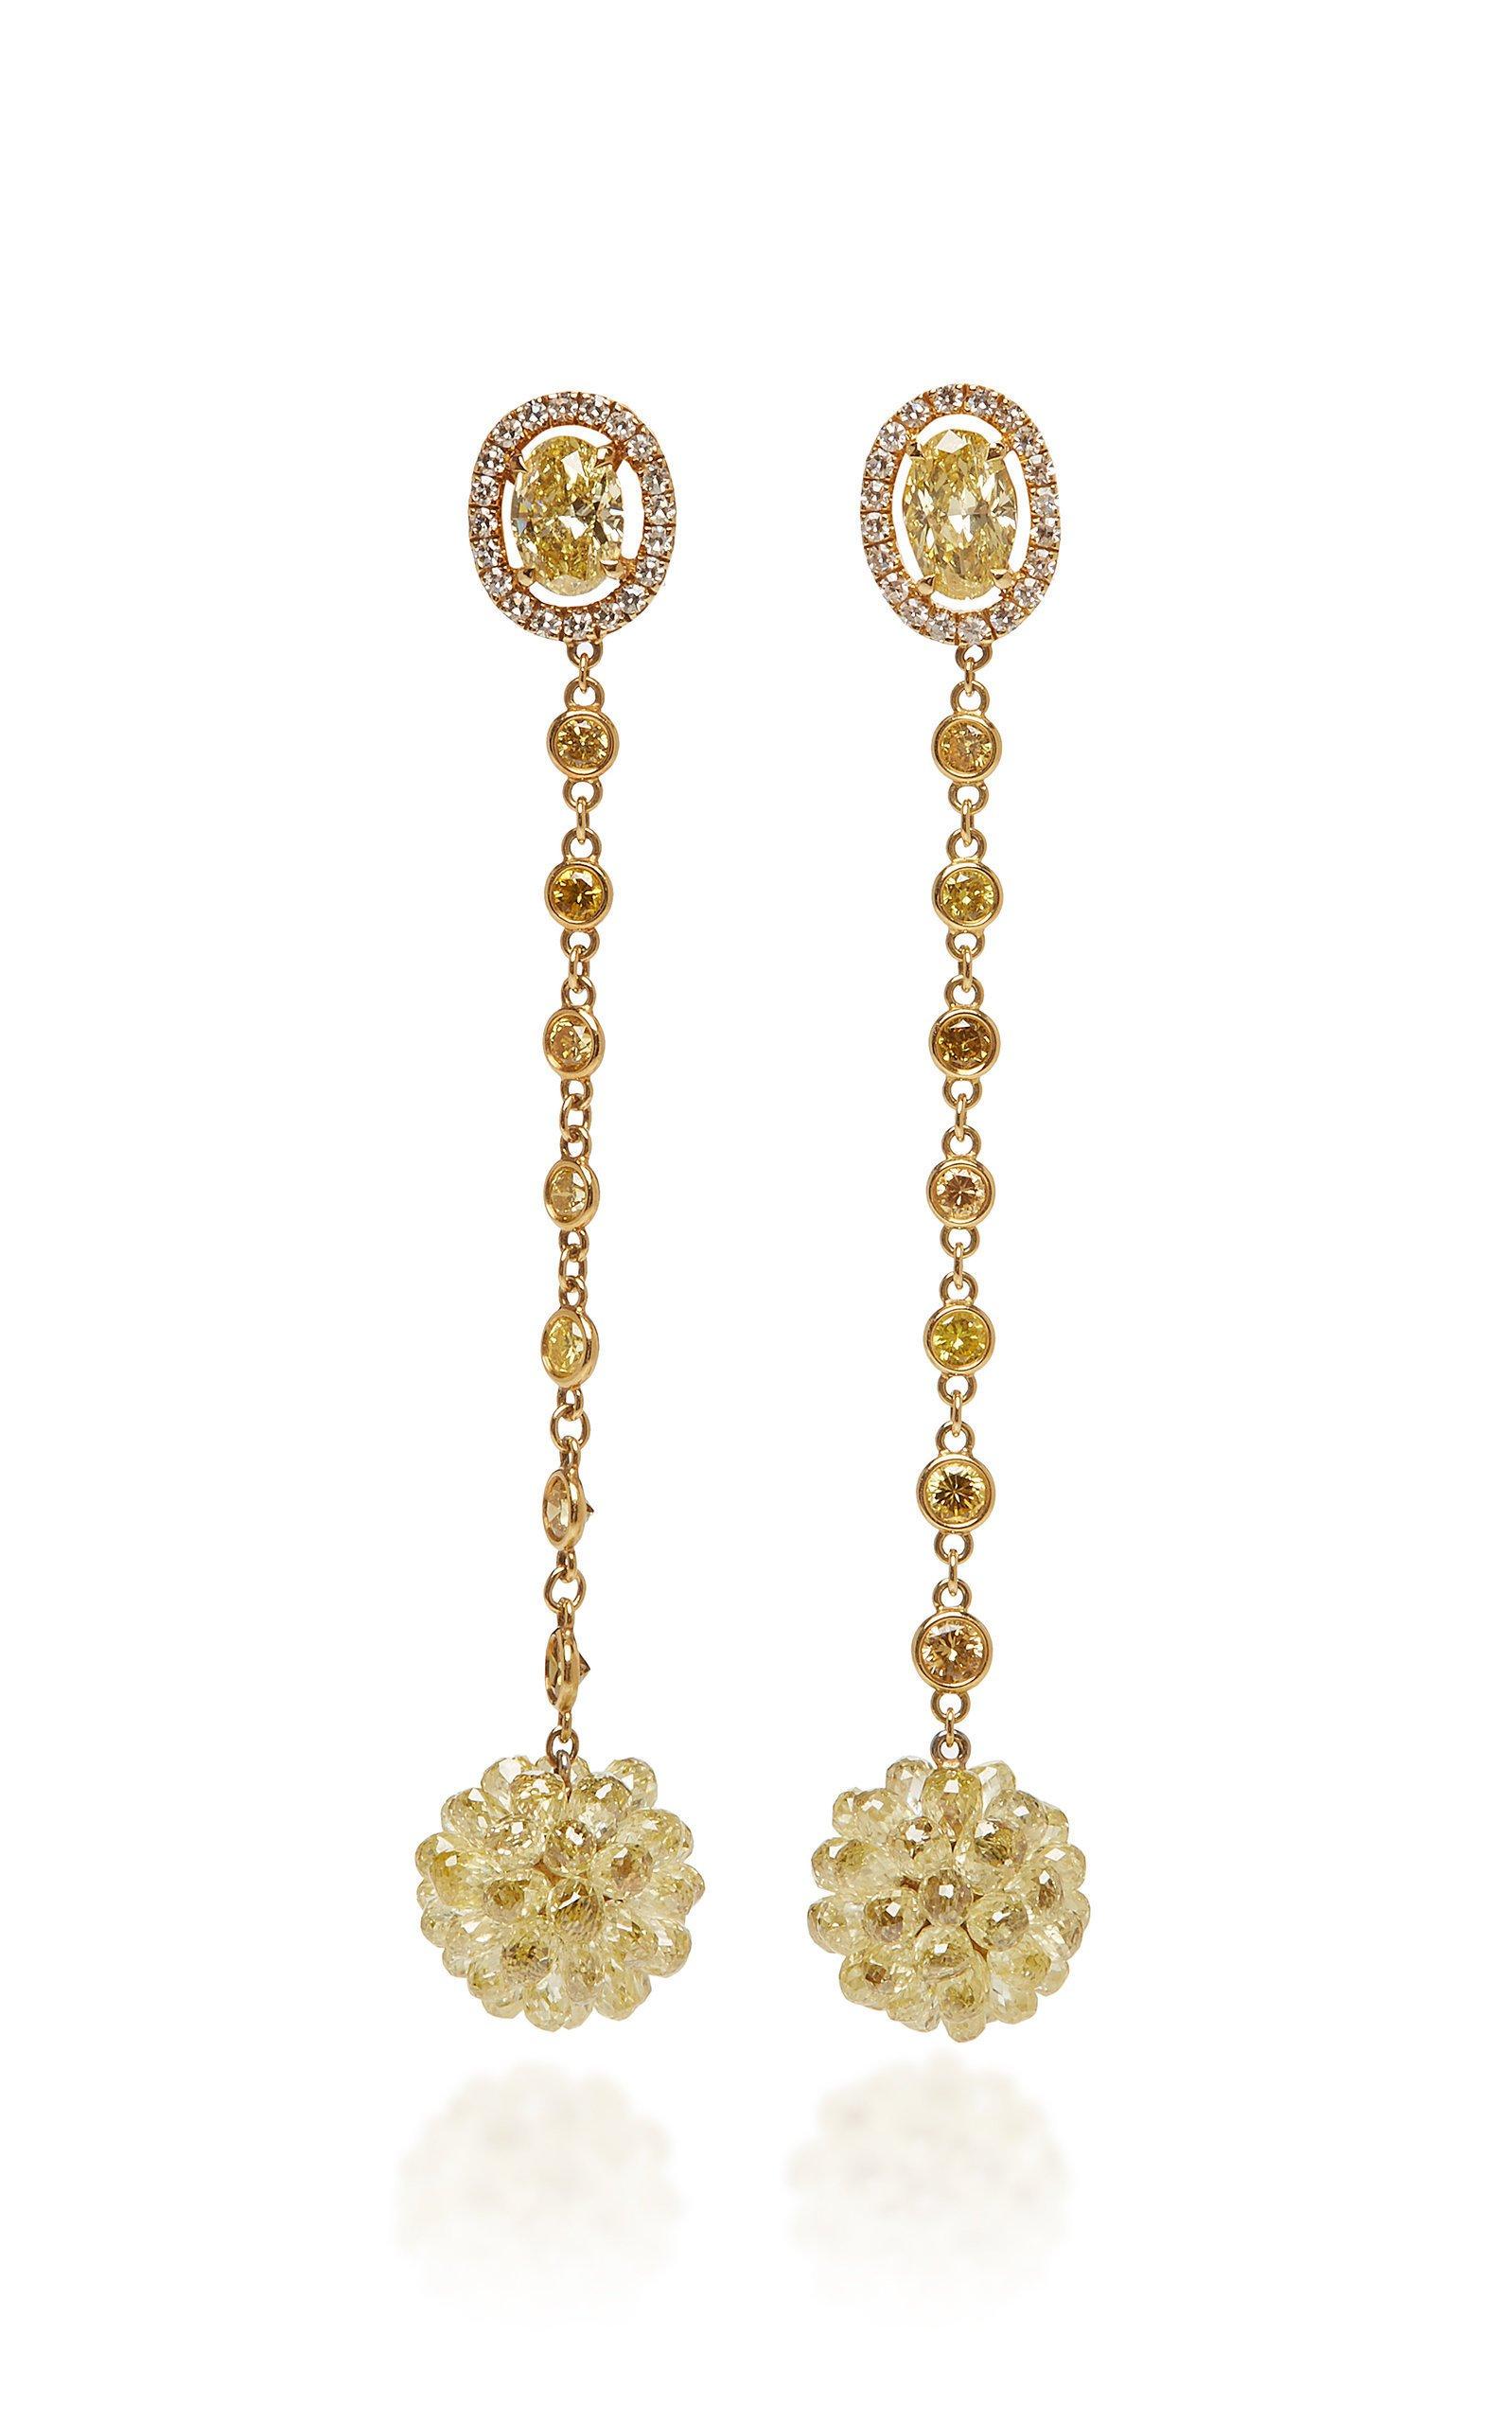 David Morris Briolette Ball Earrings